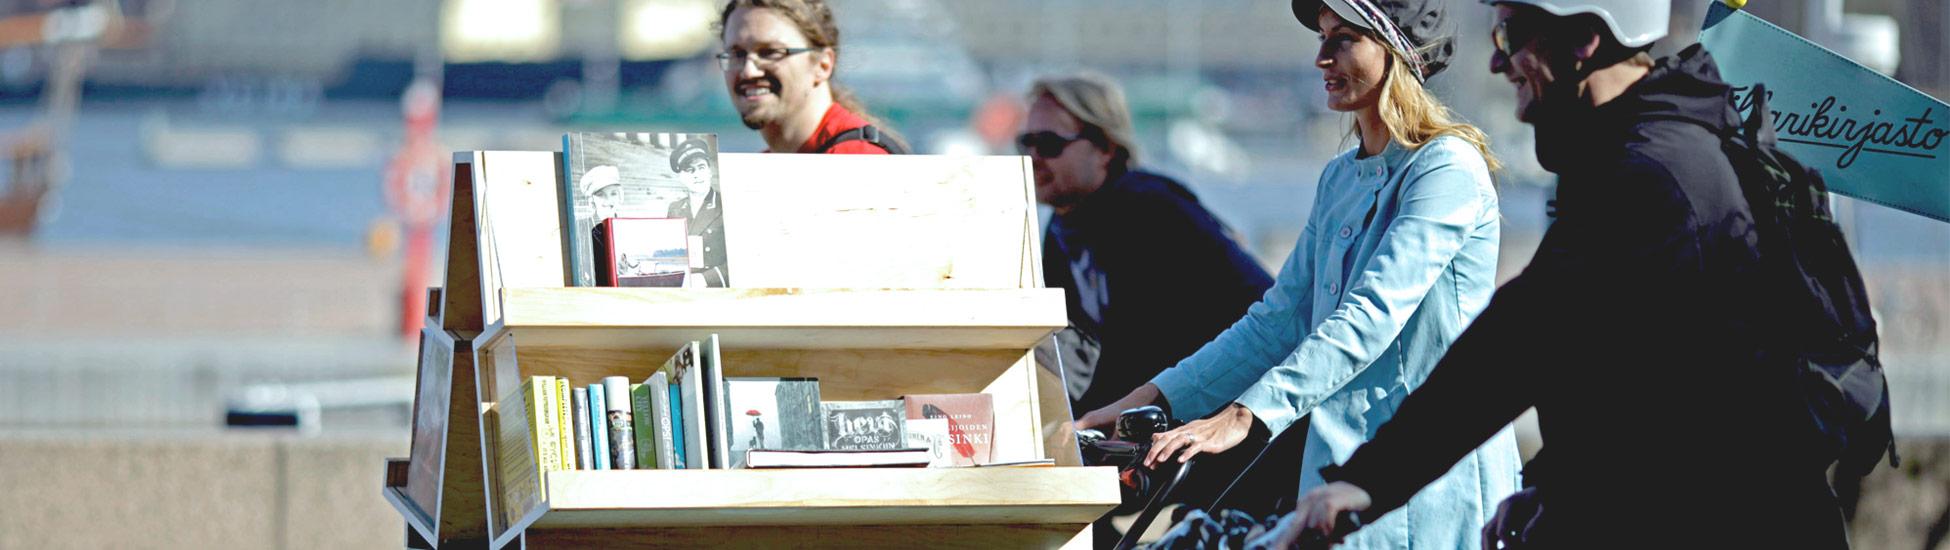 Oodi: Bike library